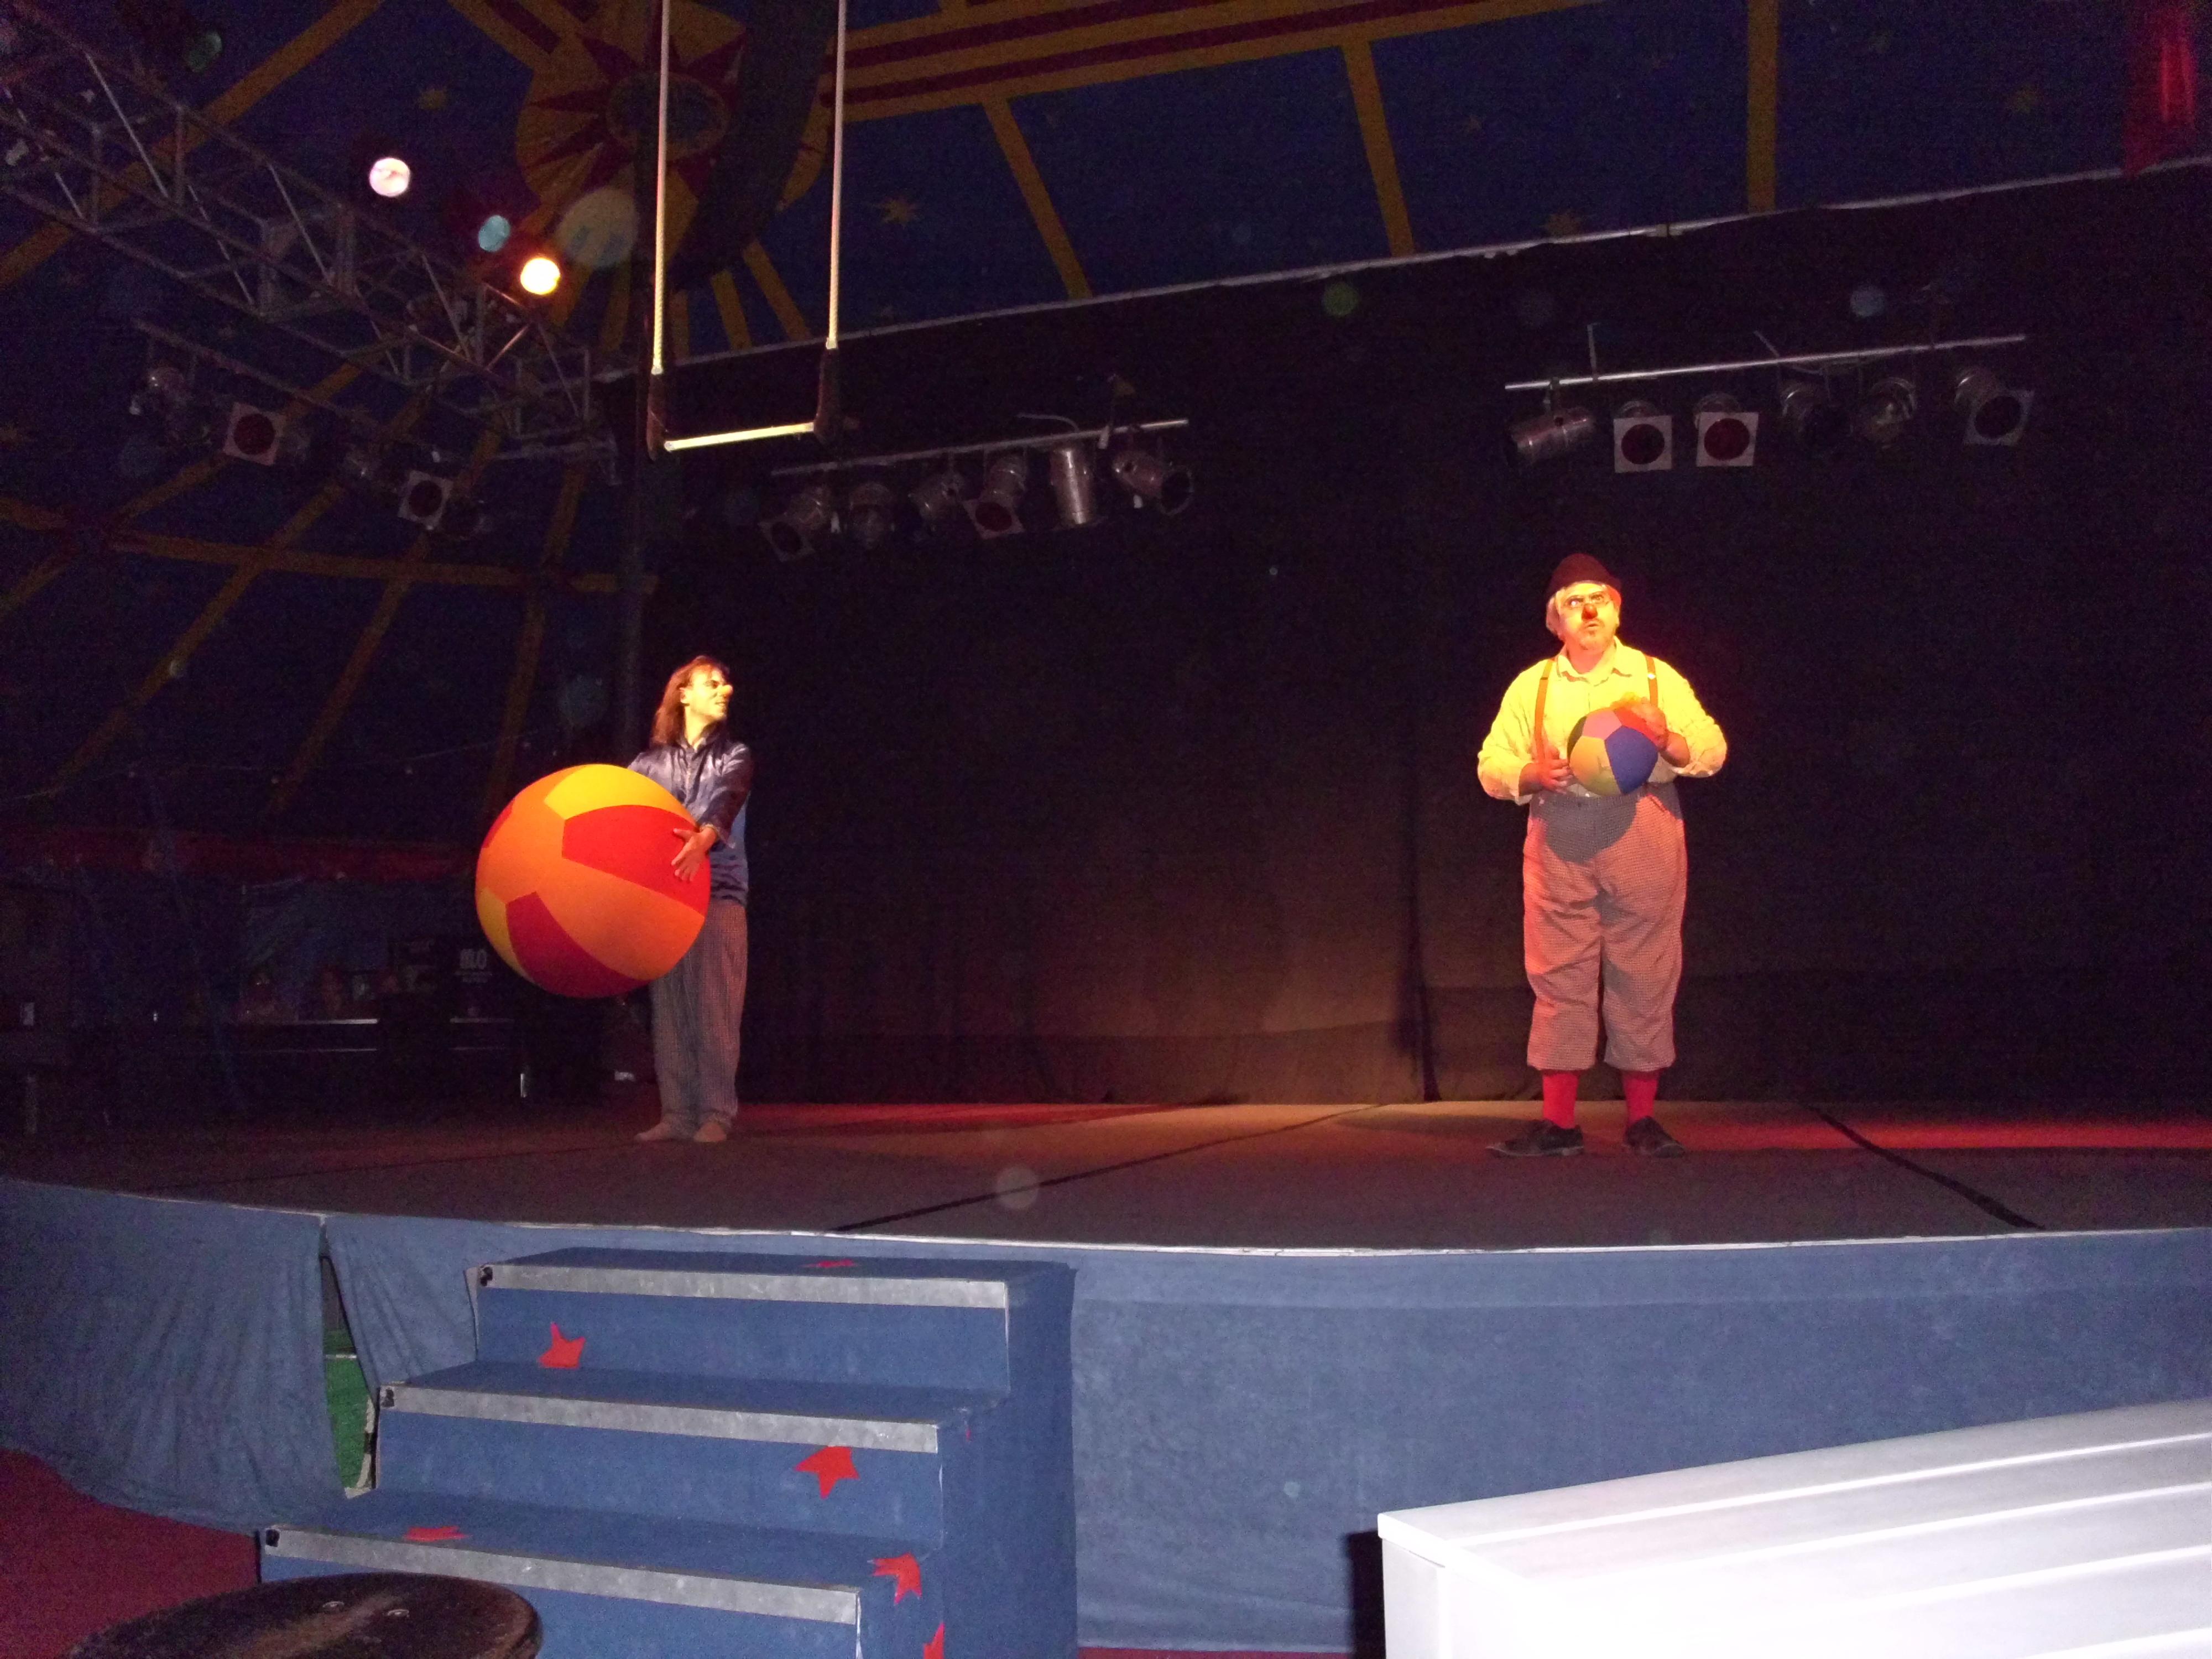 Der Clown mit dem großen Ball und Tomtom